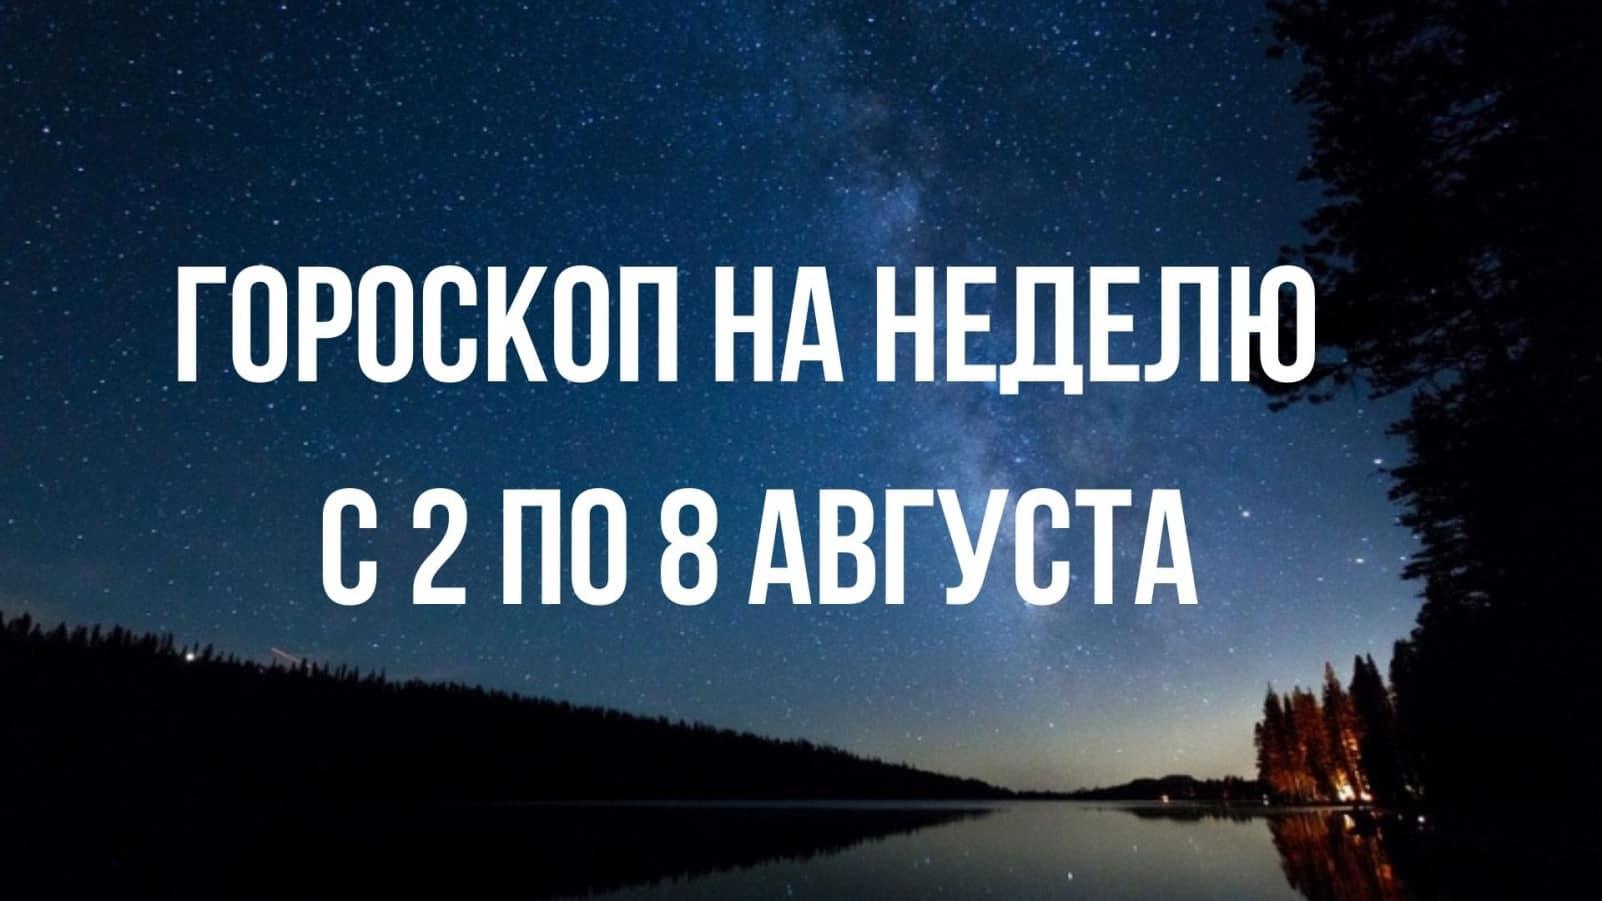 Гороскоп на неделю с 2 по 8 августа для всех знаков зодиака